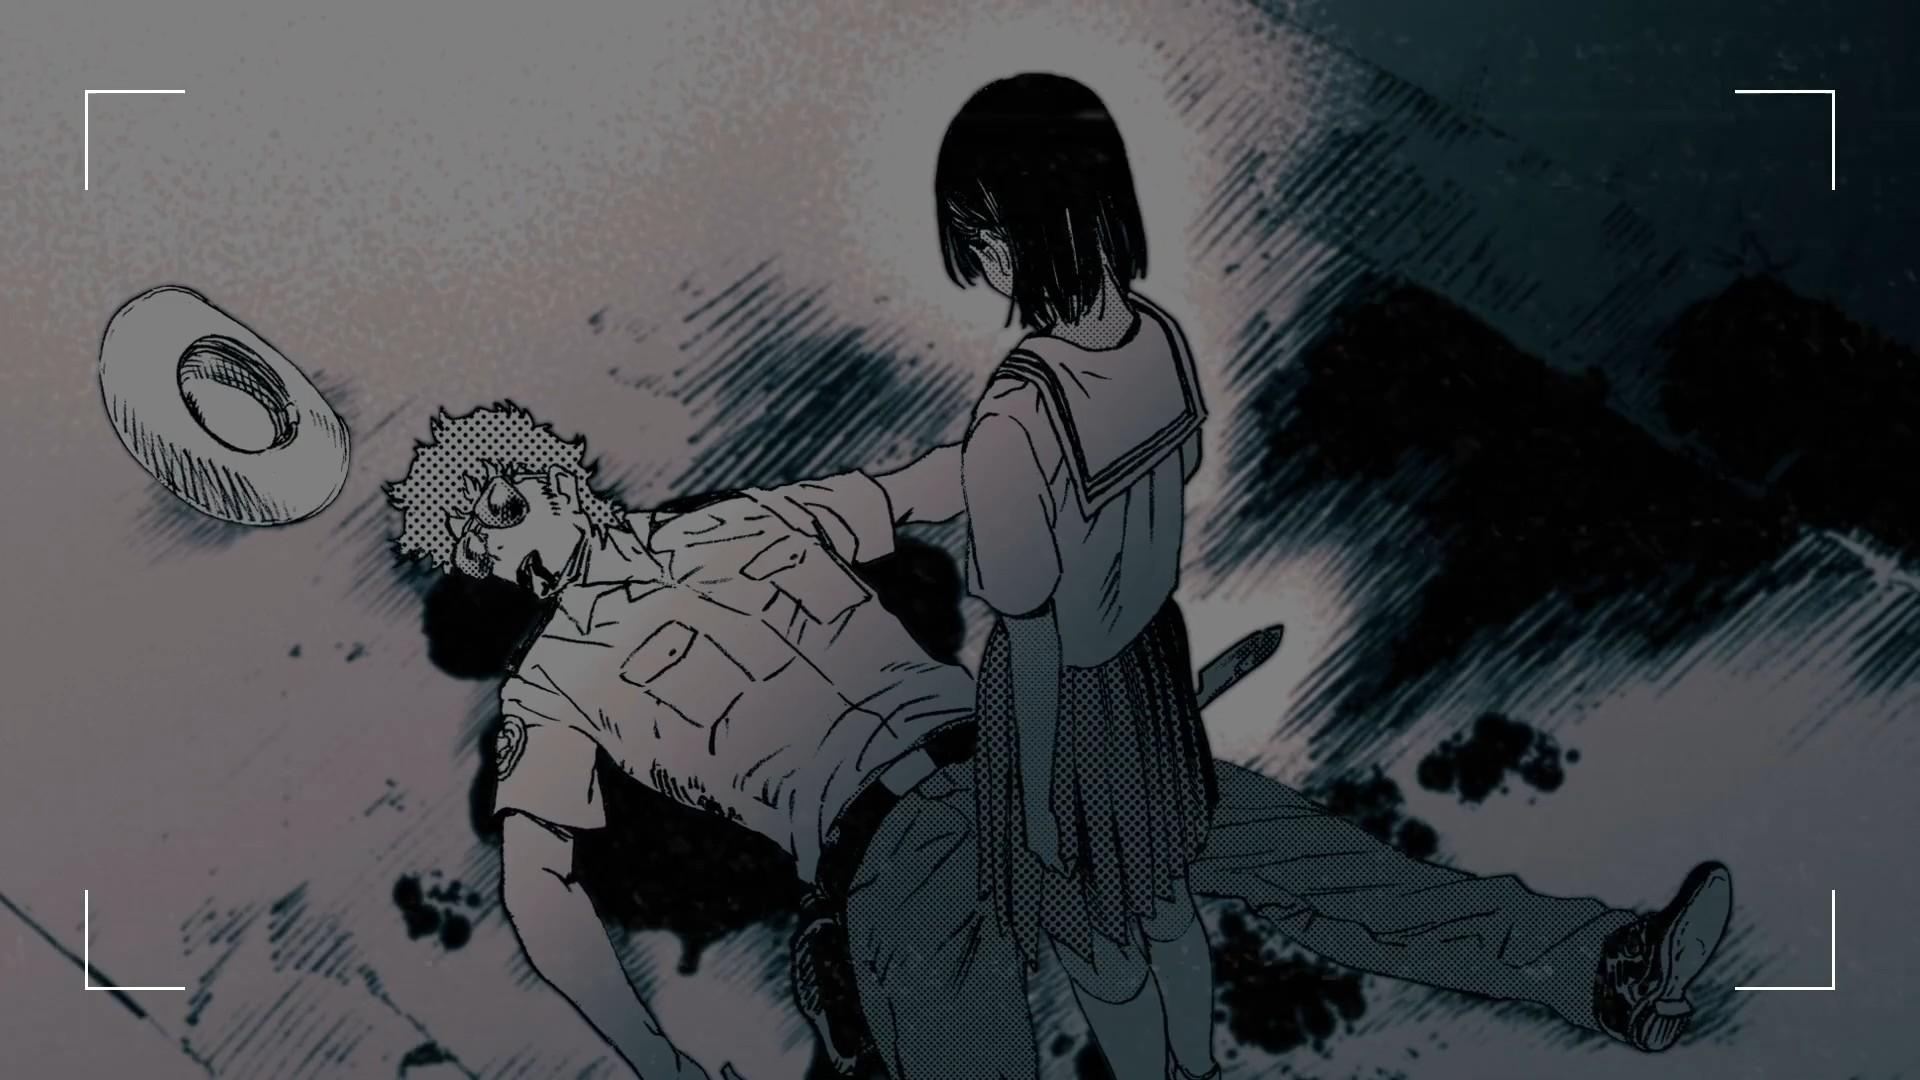 田中靖规漫画「夏日重现」动画化决定,PV公开